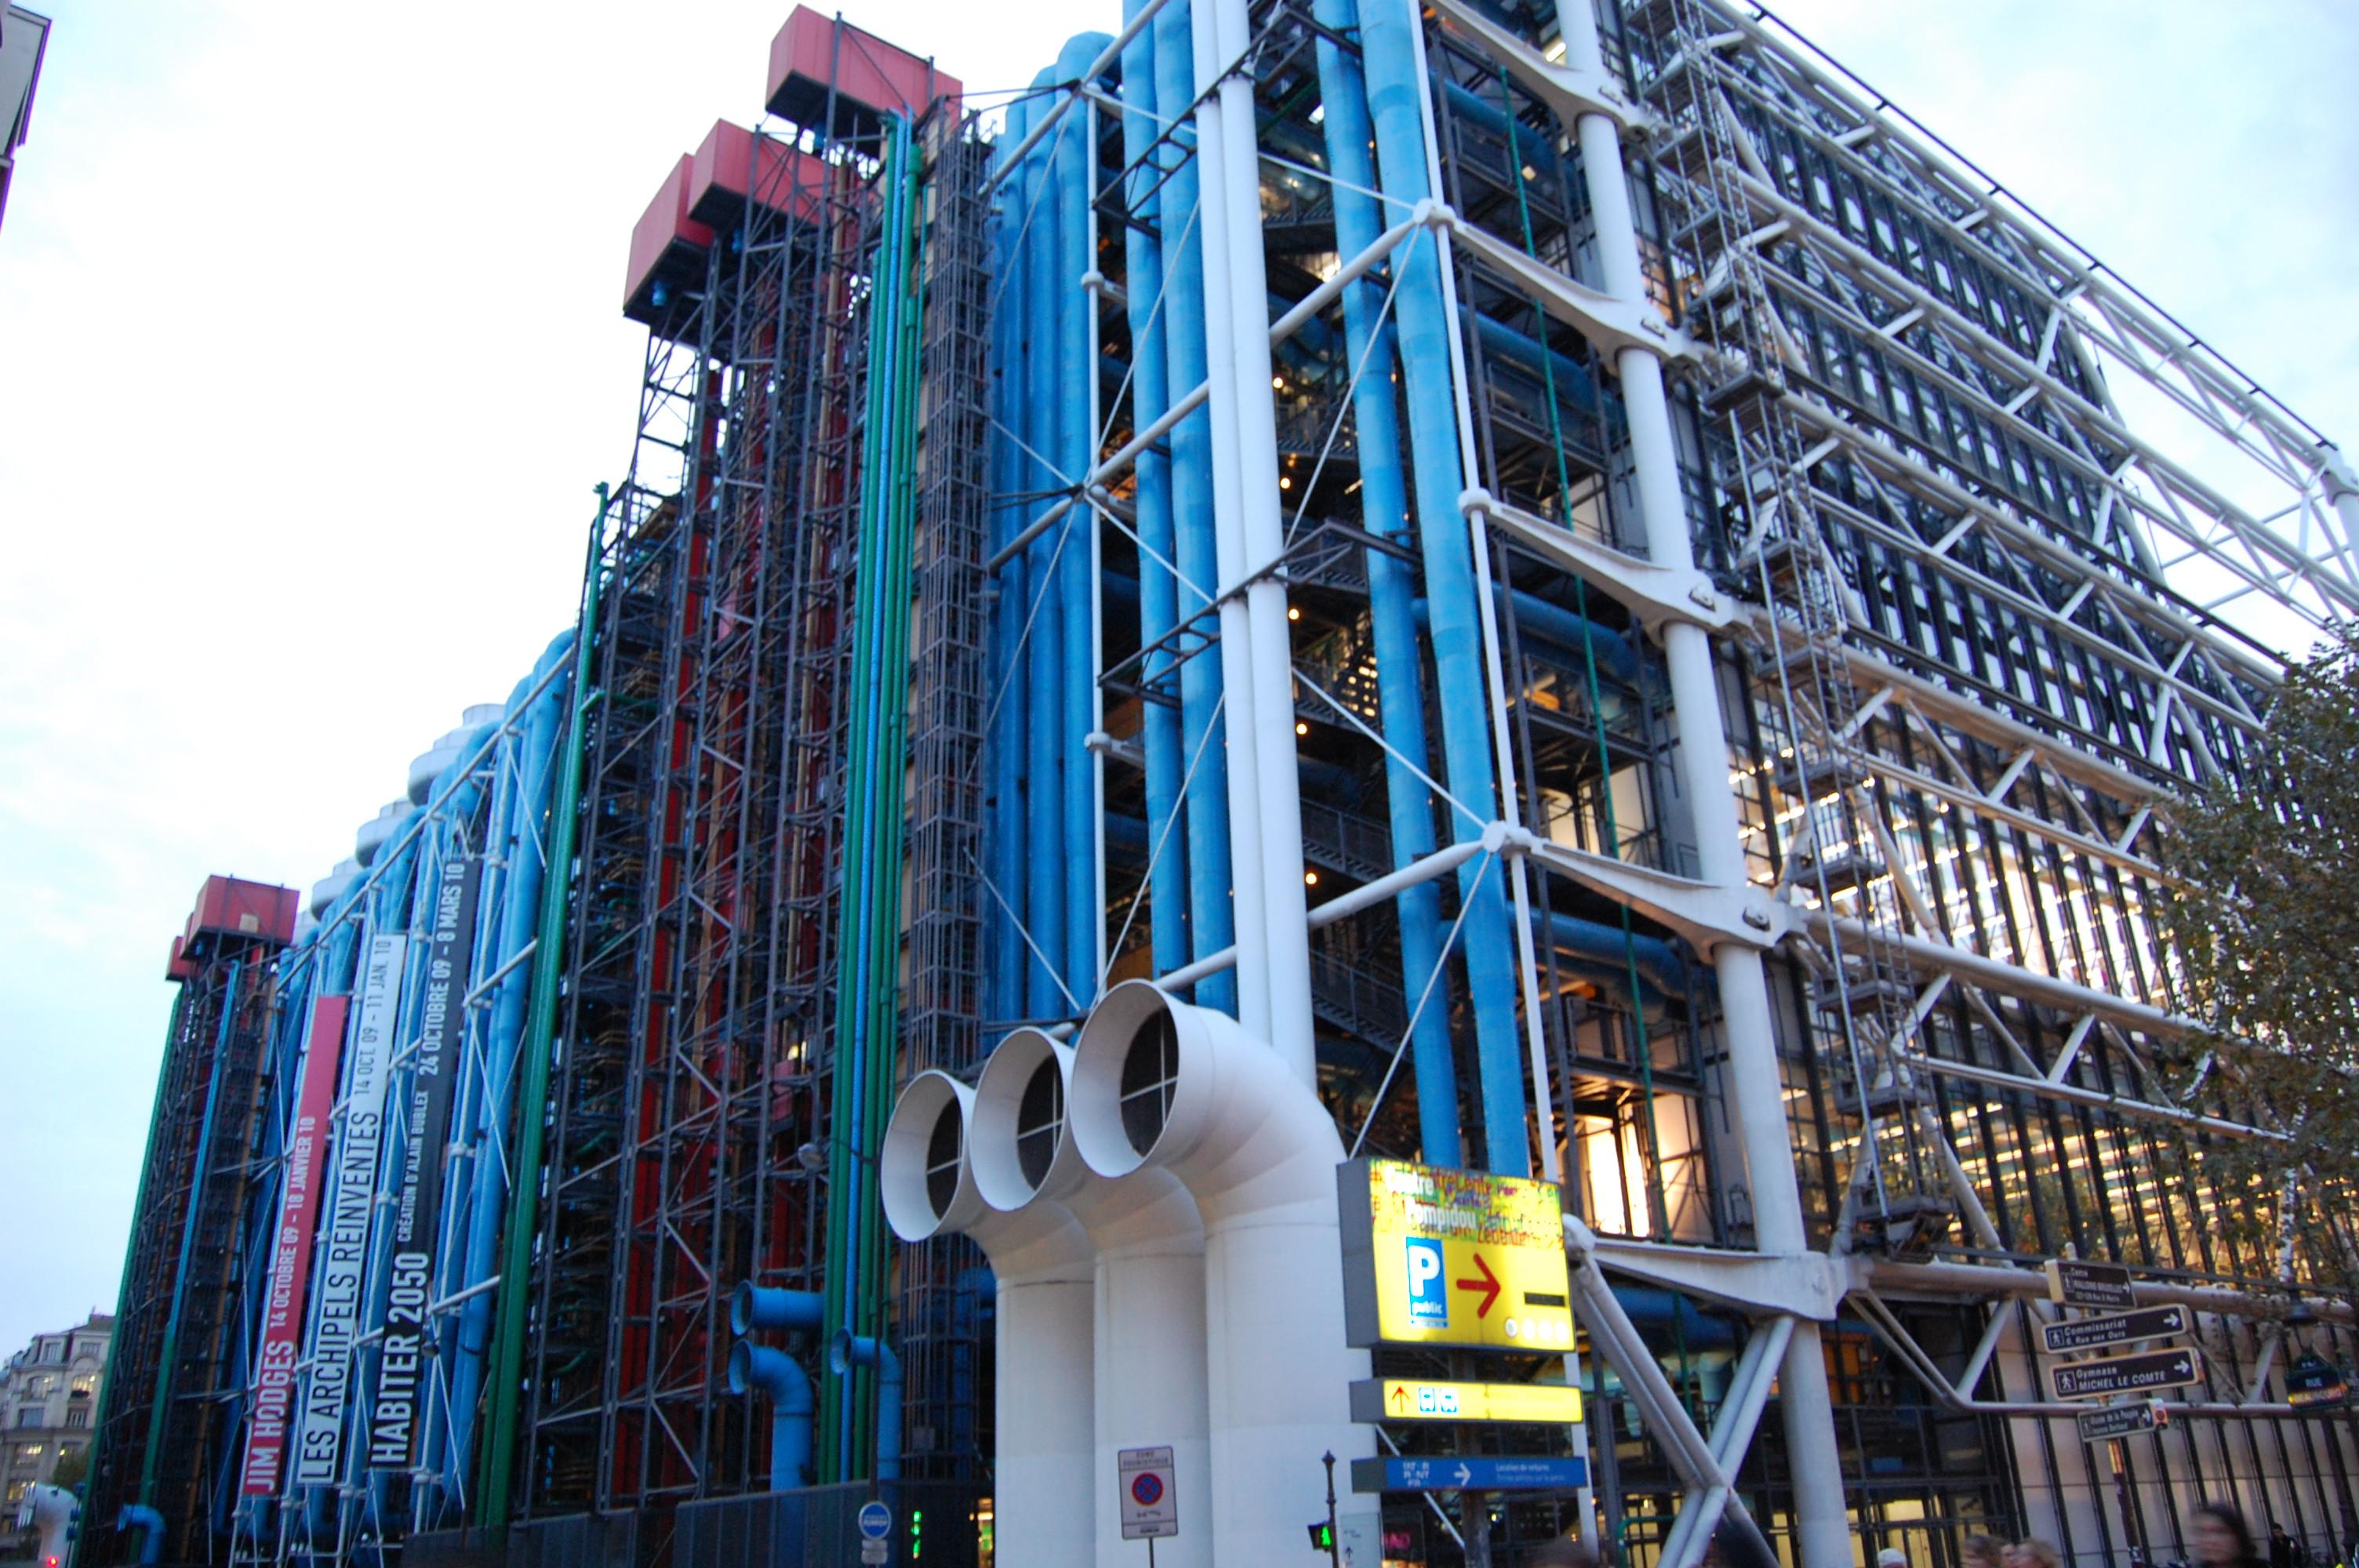 El centre dels estudis catalans... No, no, és broma, això es el Centre Pompidou que és molt a prop.